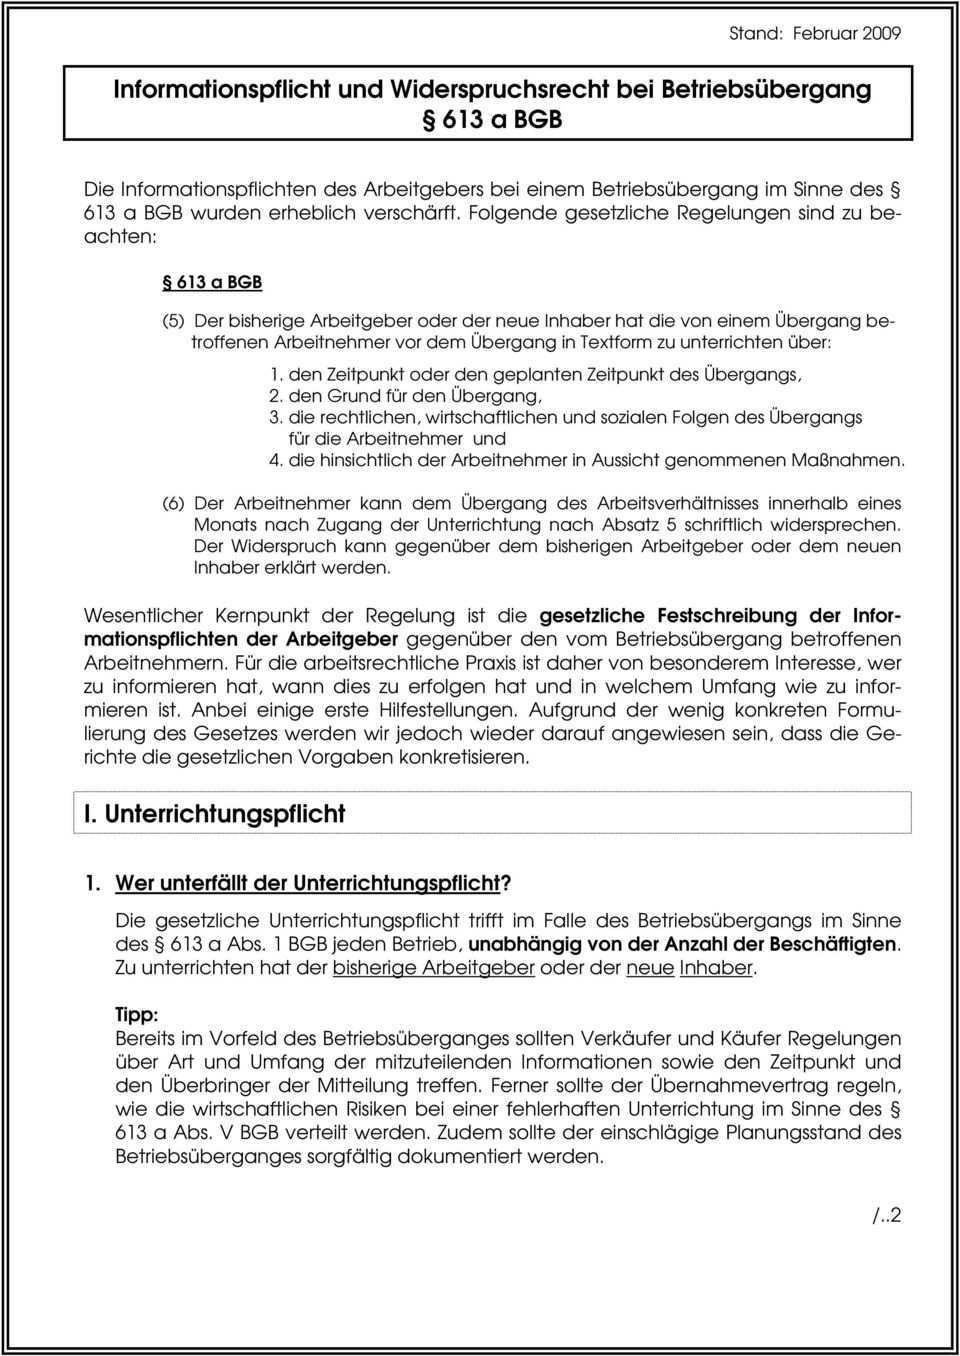 Informationspflicht Und Widerspruchsrecht Bei Betriebsubergang 613 A Bgb Pdf Free Download